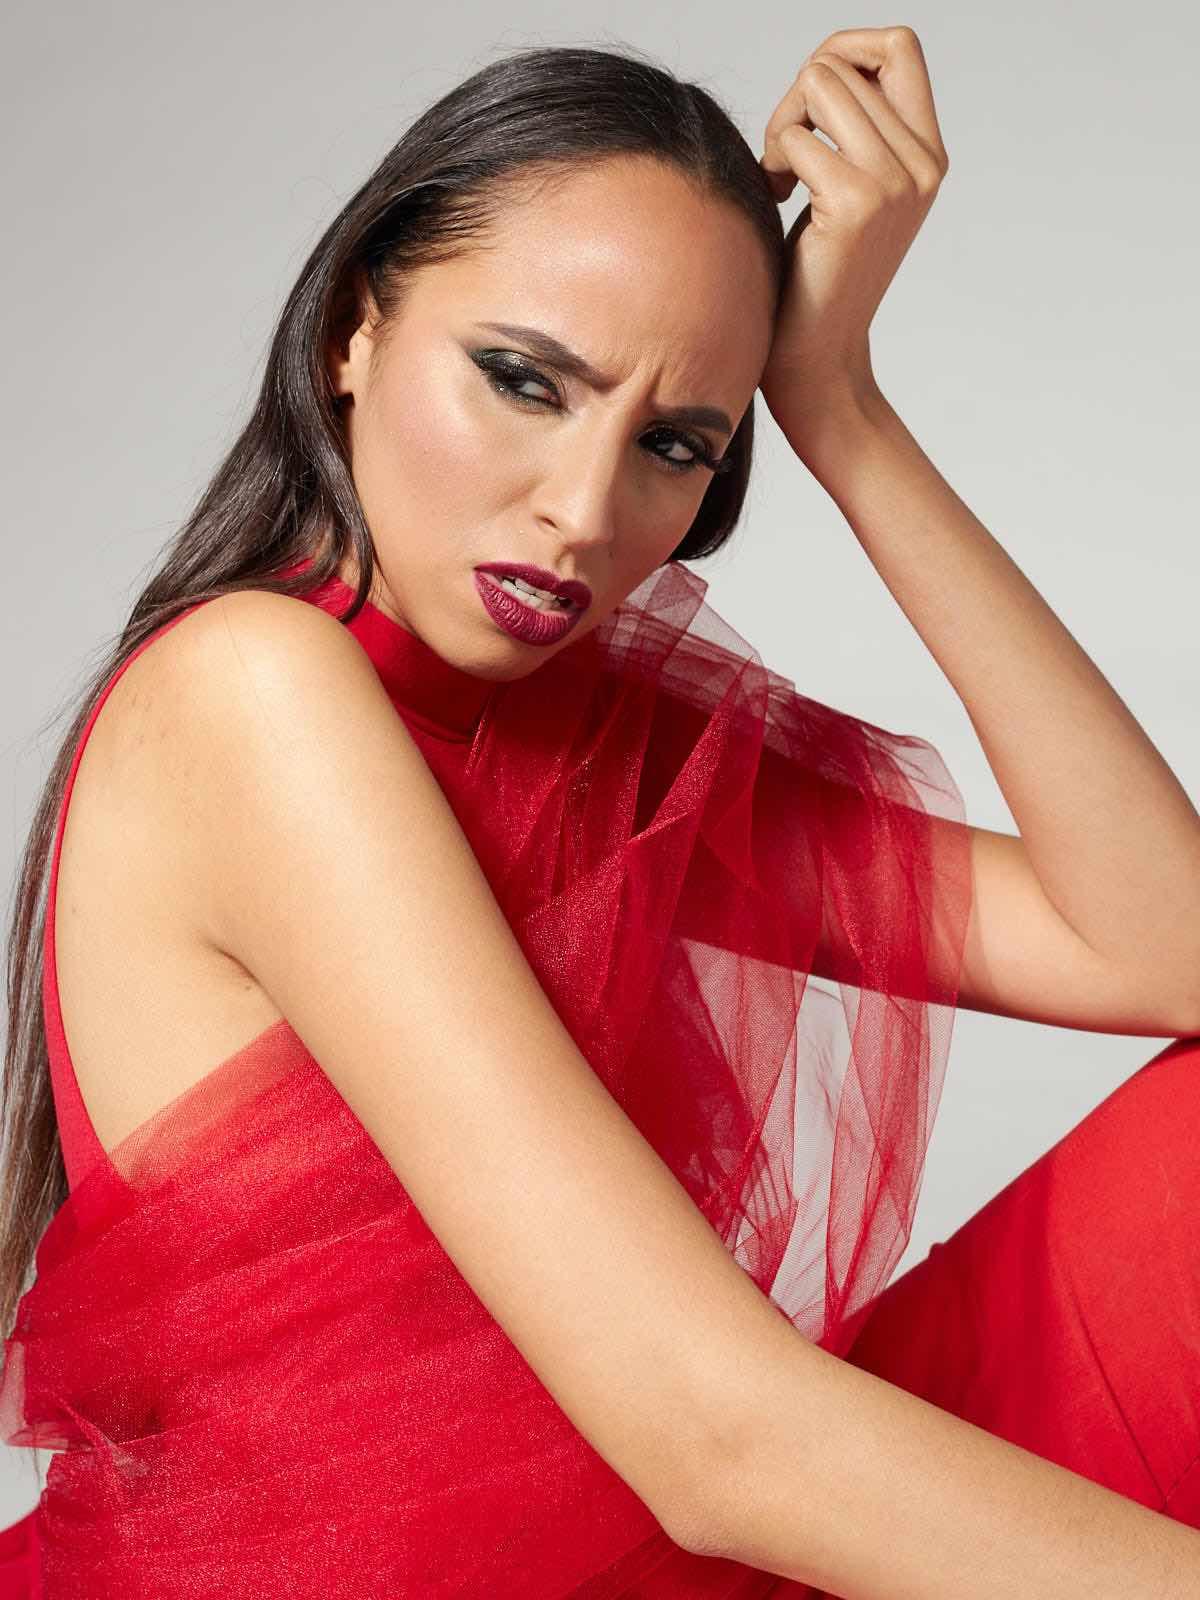 sce-agency-female-model-megan-m-6aa